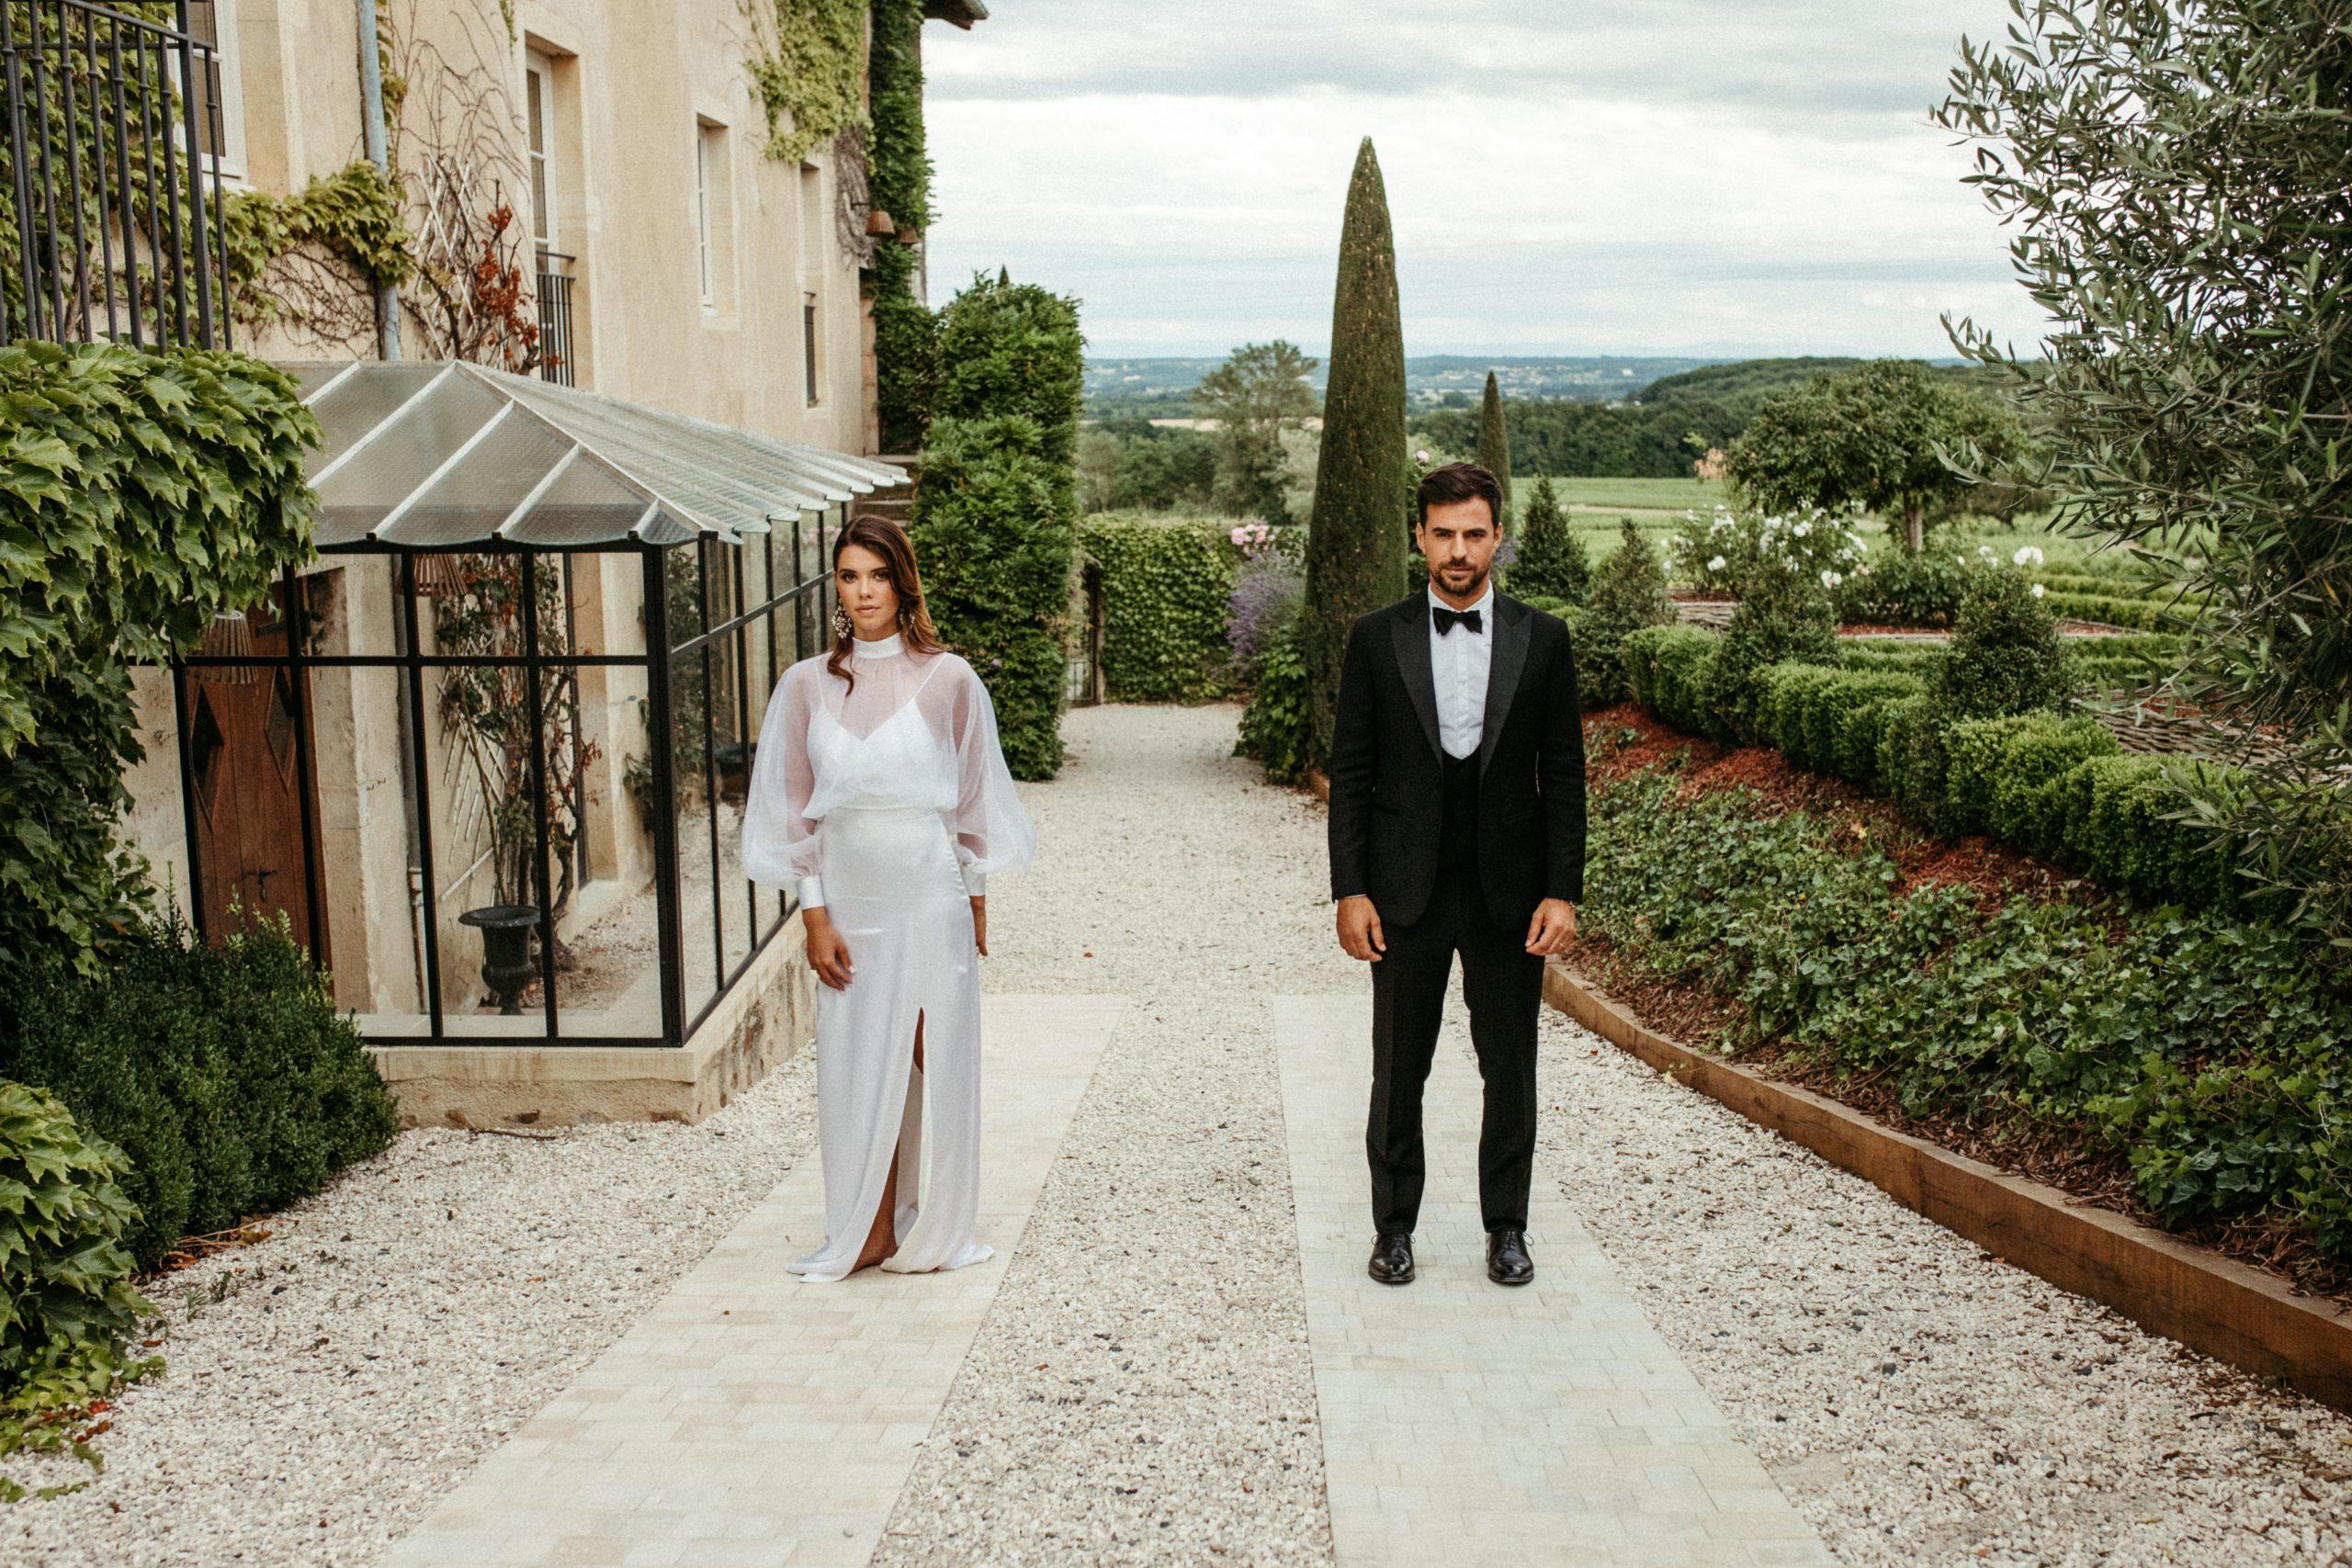 UTOPICLOVERS20200702 – EDITO Jérémie Sésanne Lajarveniere 8516 scaled - Un mariage élégant et végétal dans le Beaujolais